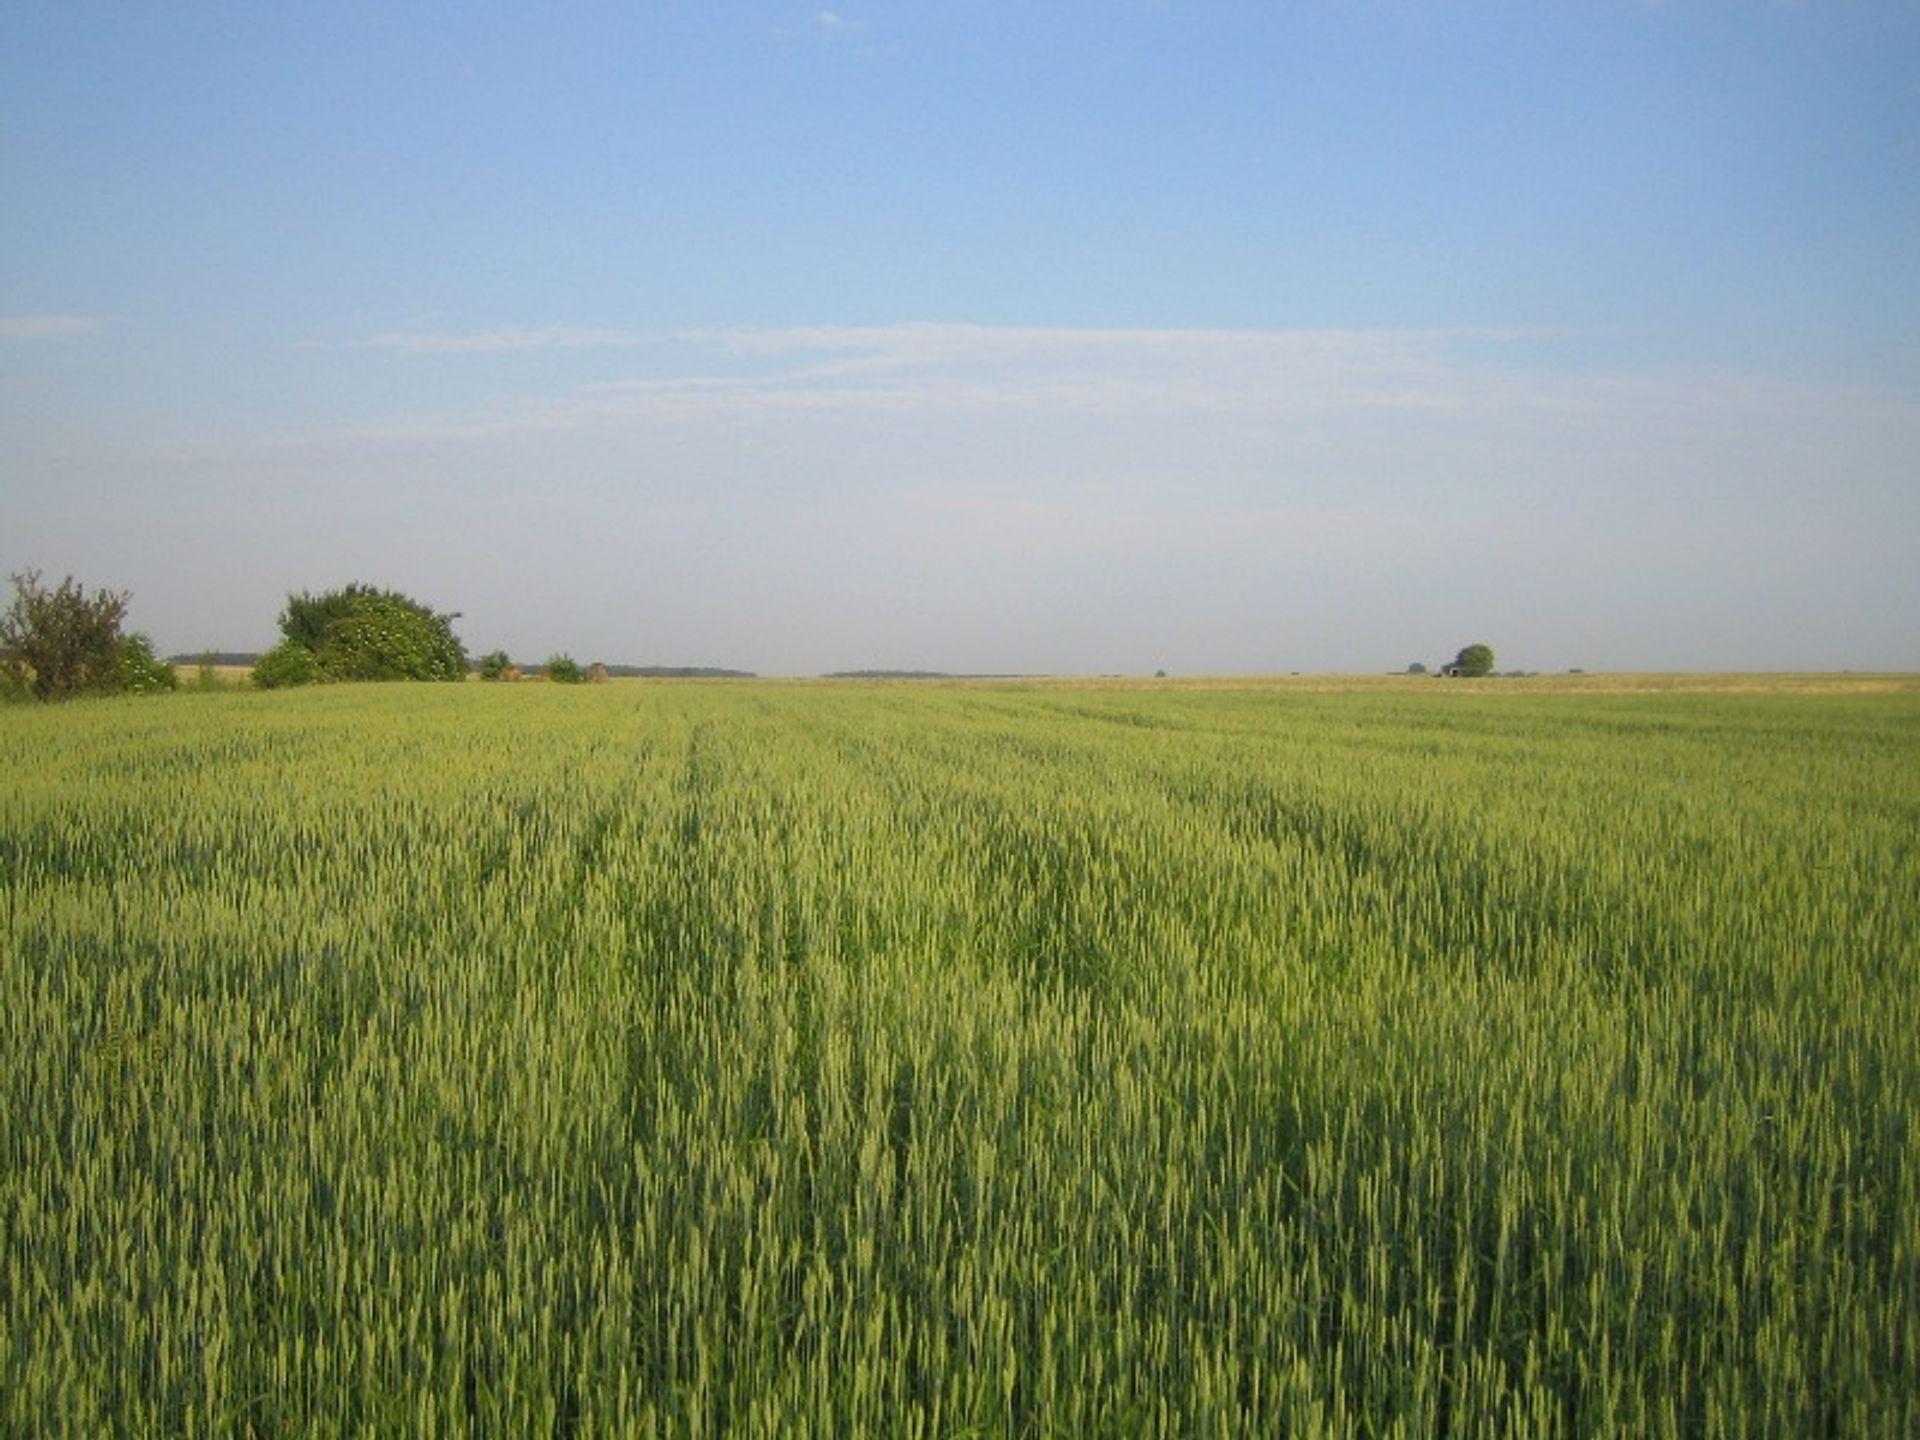 Inwestorzy z zachodu wykupią polską ziemię